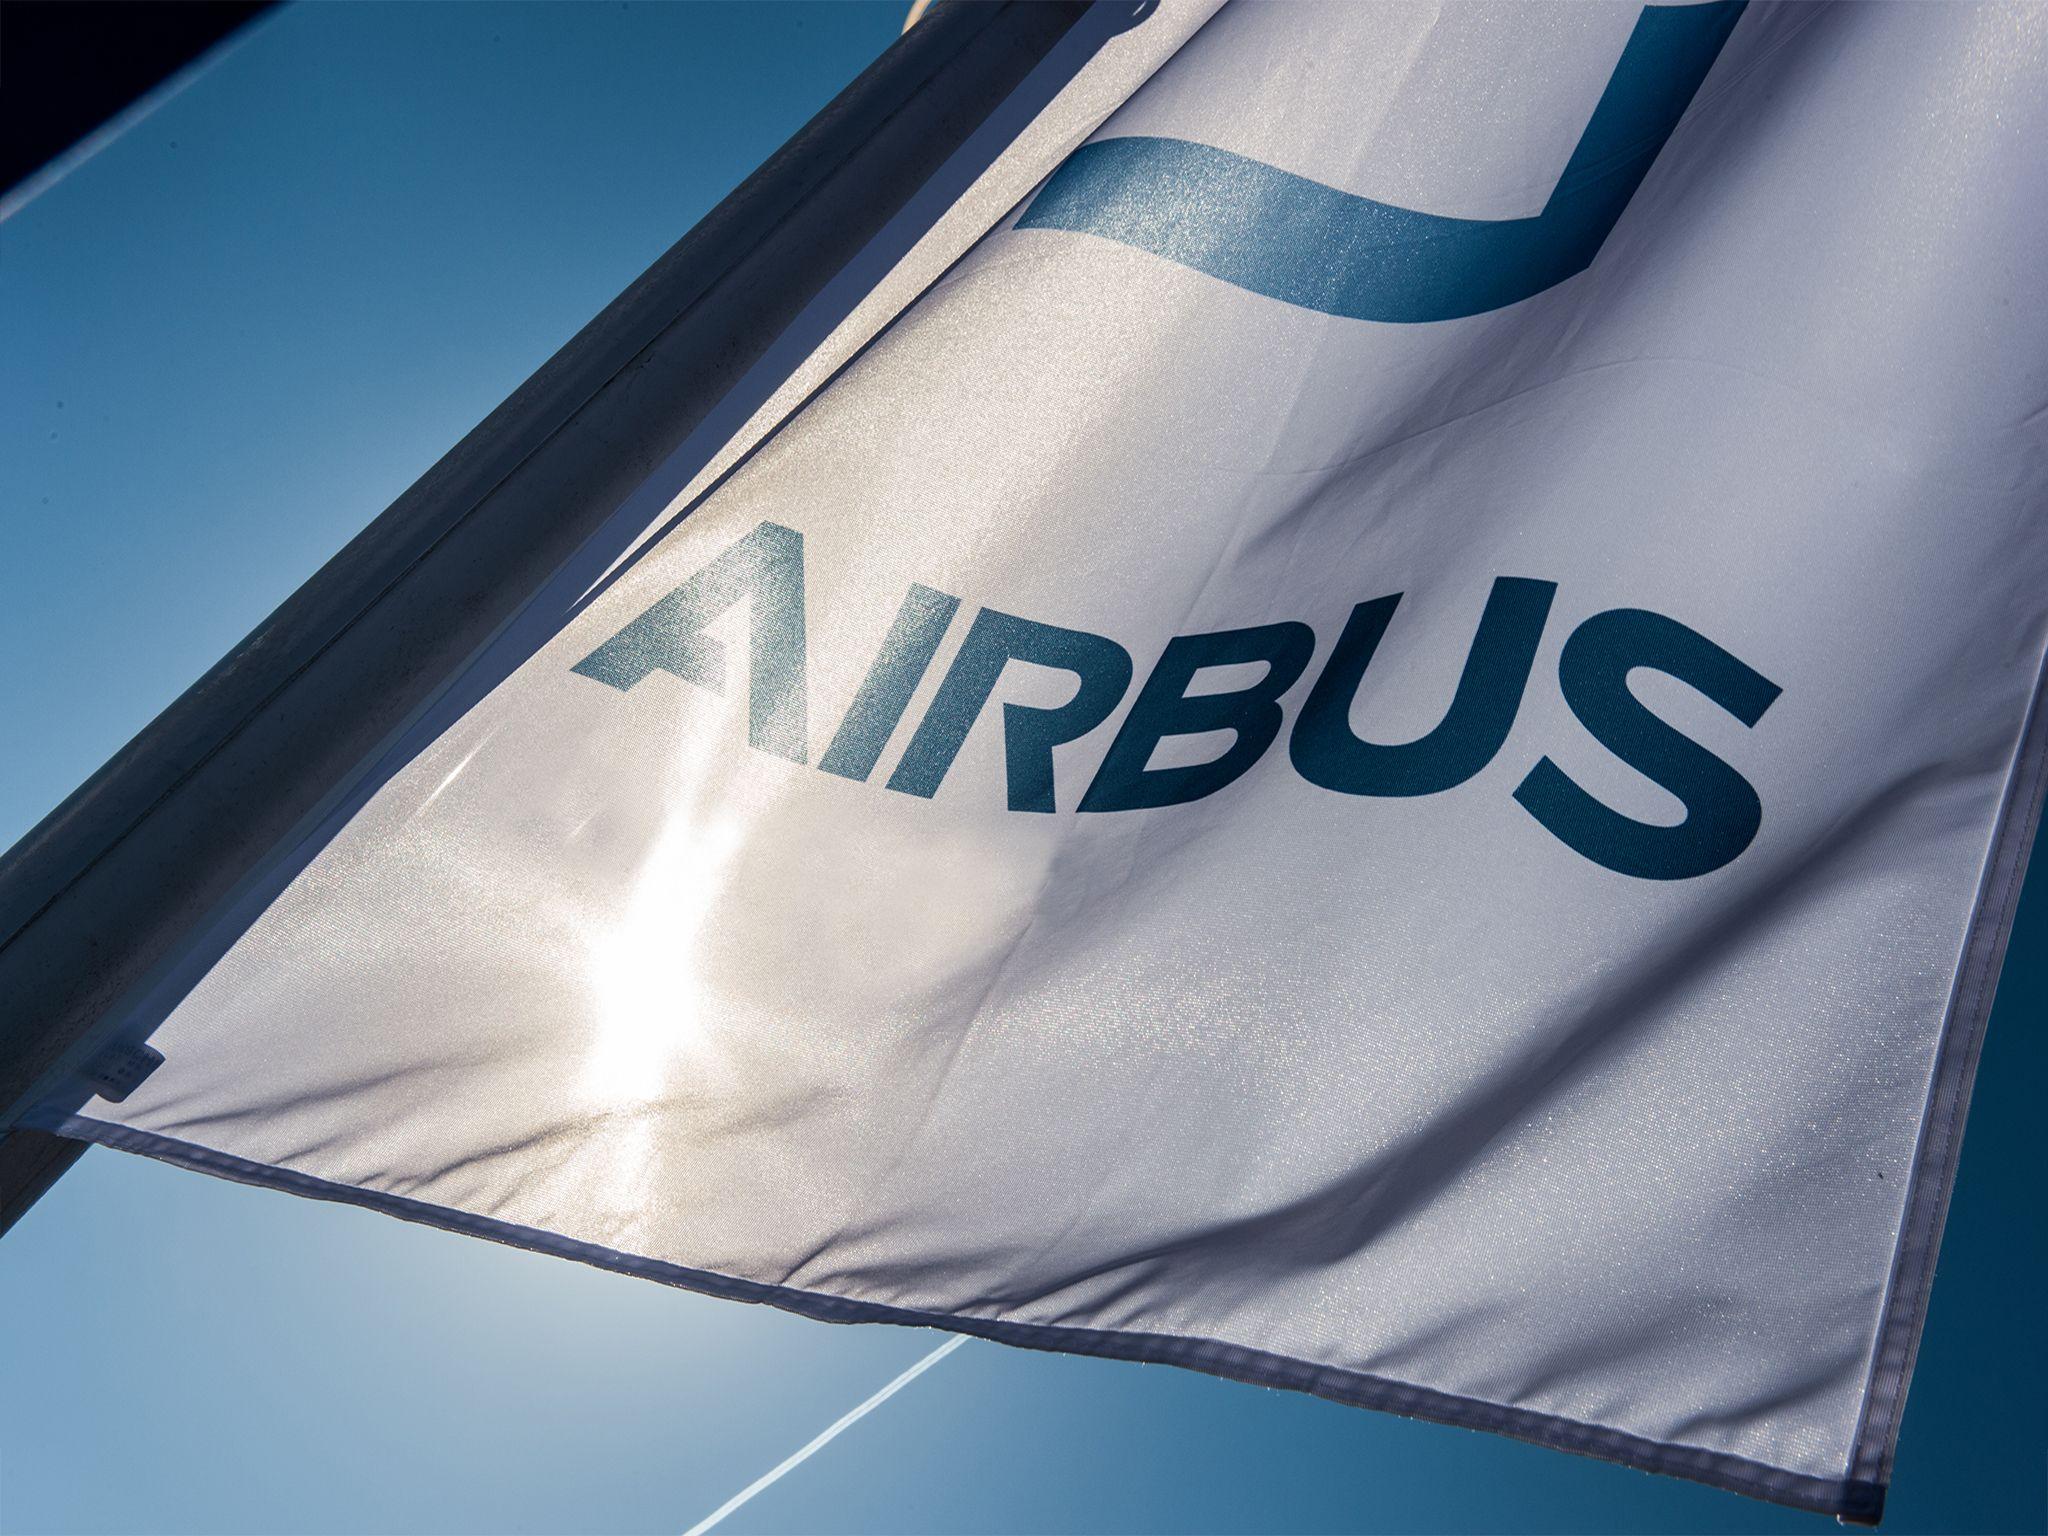 Une intrusion chinoise chez Airbus visait des secrets industriels